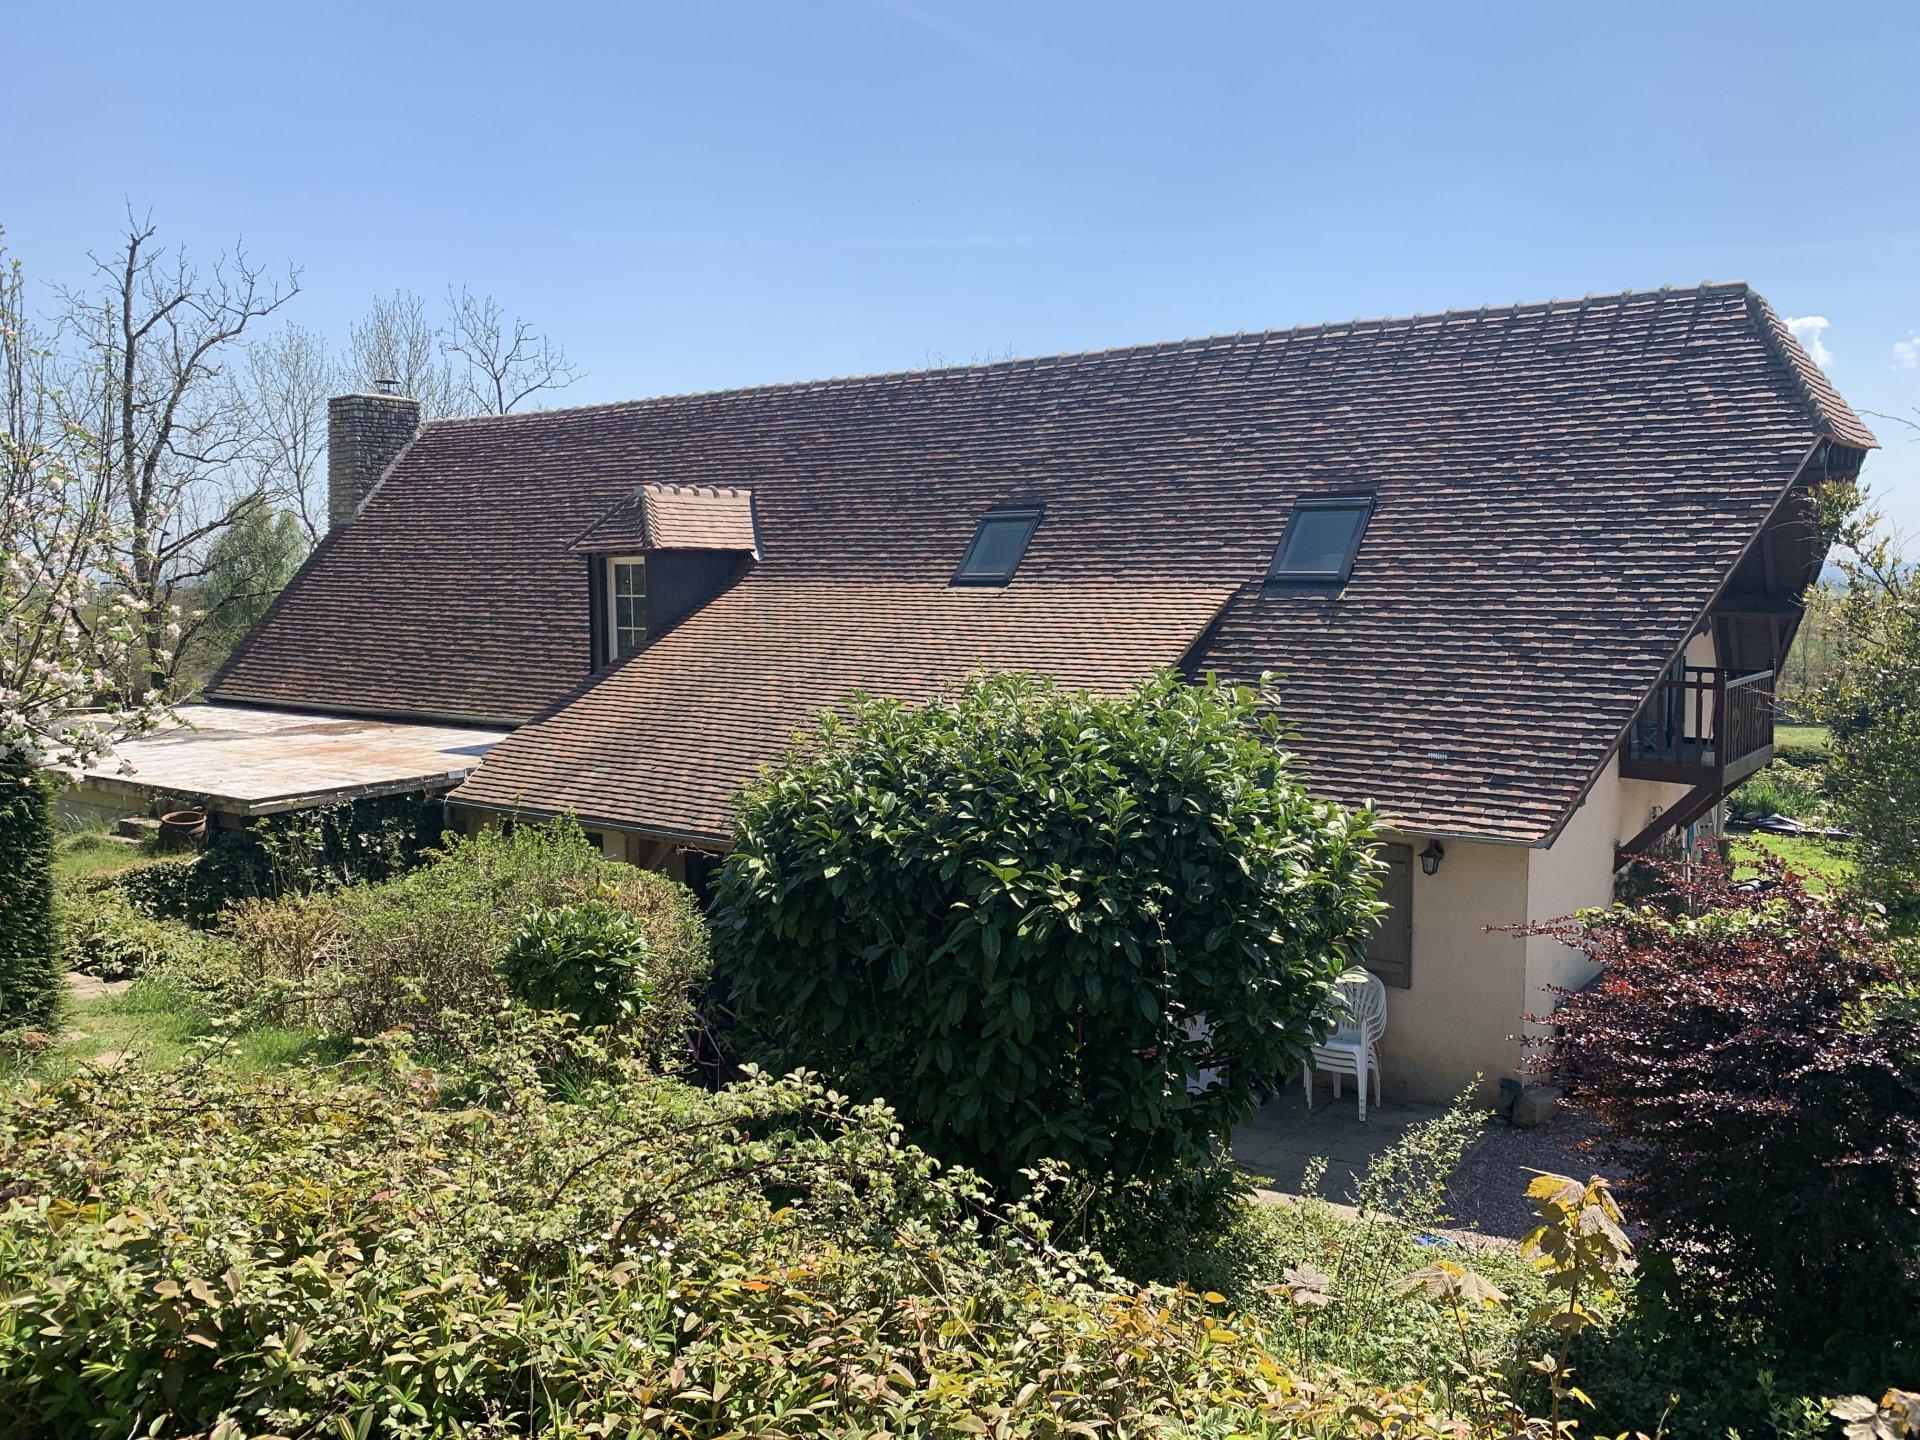 Maison de caractère rénovée de 200 m².